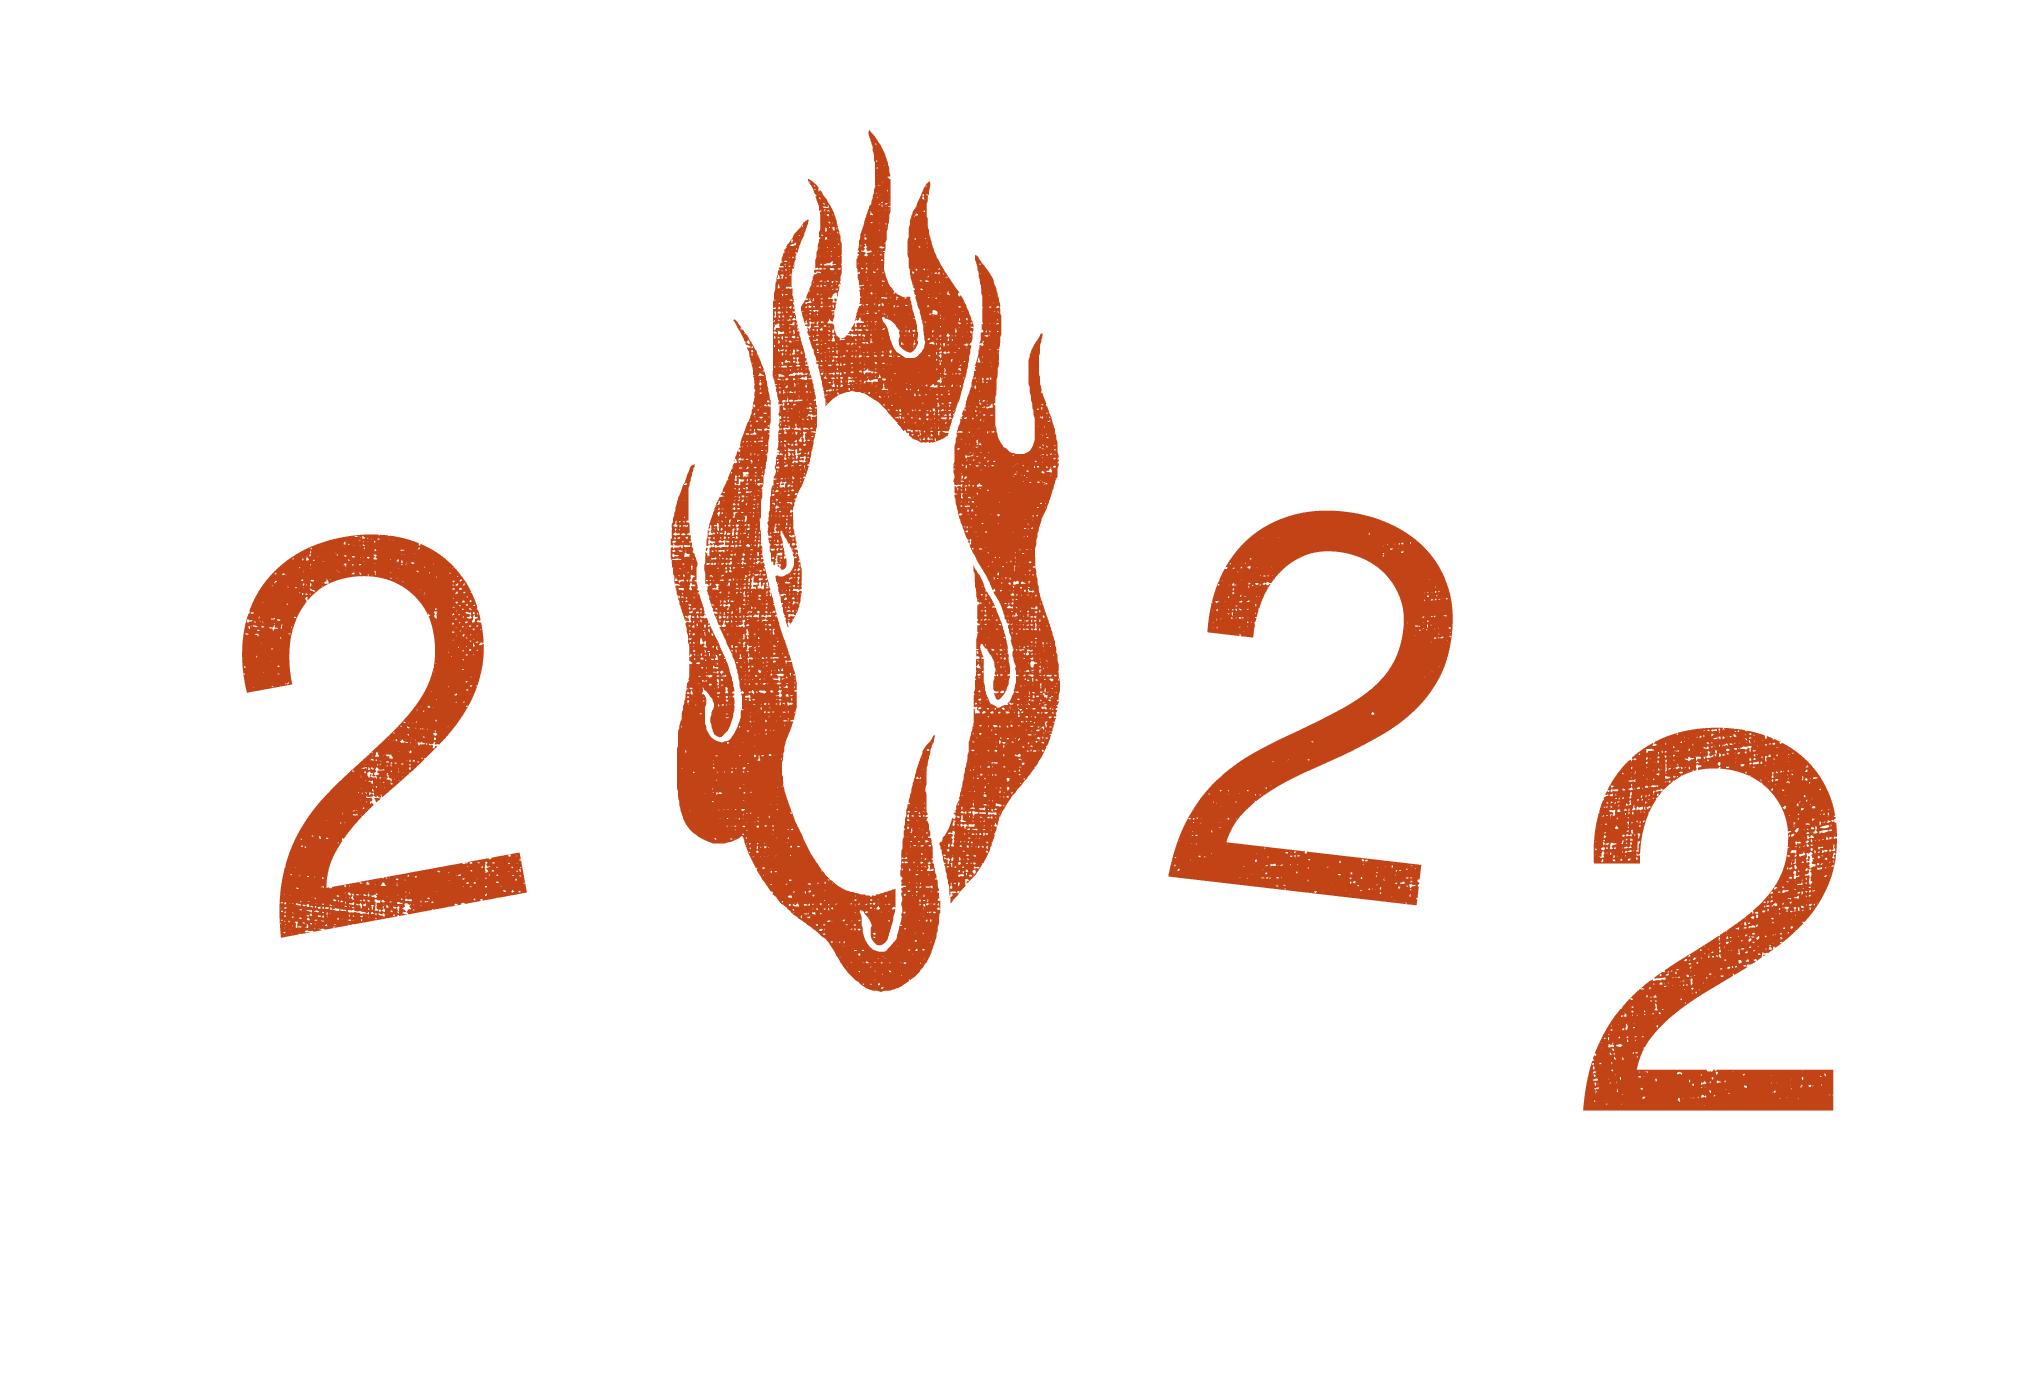 2022年賀状21-2:火の輪くぐり 2022(赤)のダウンロード画像